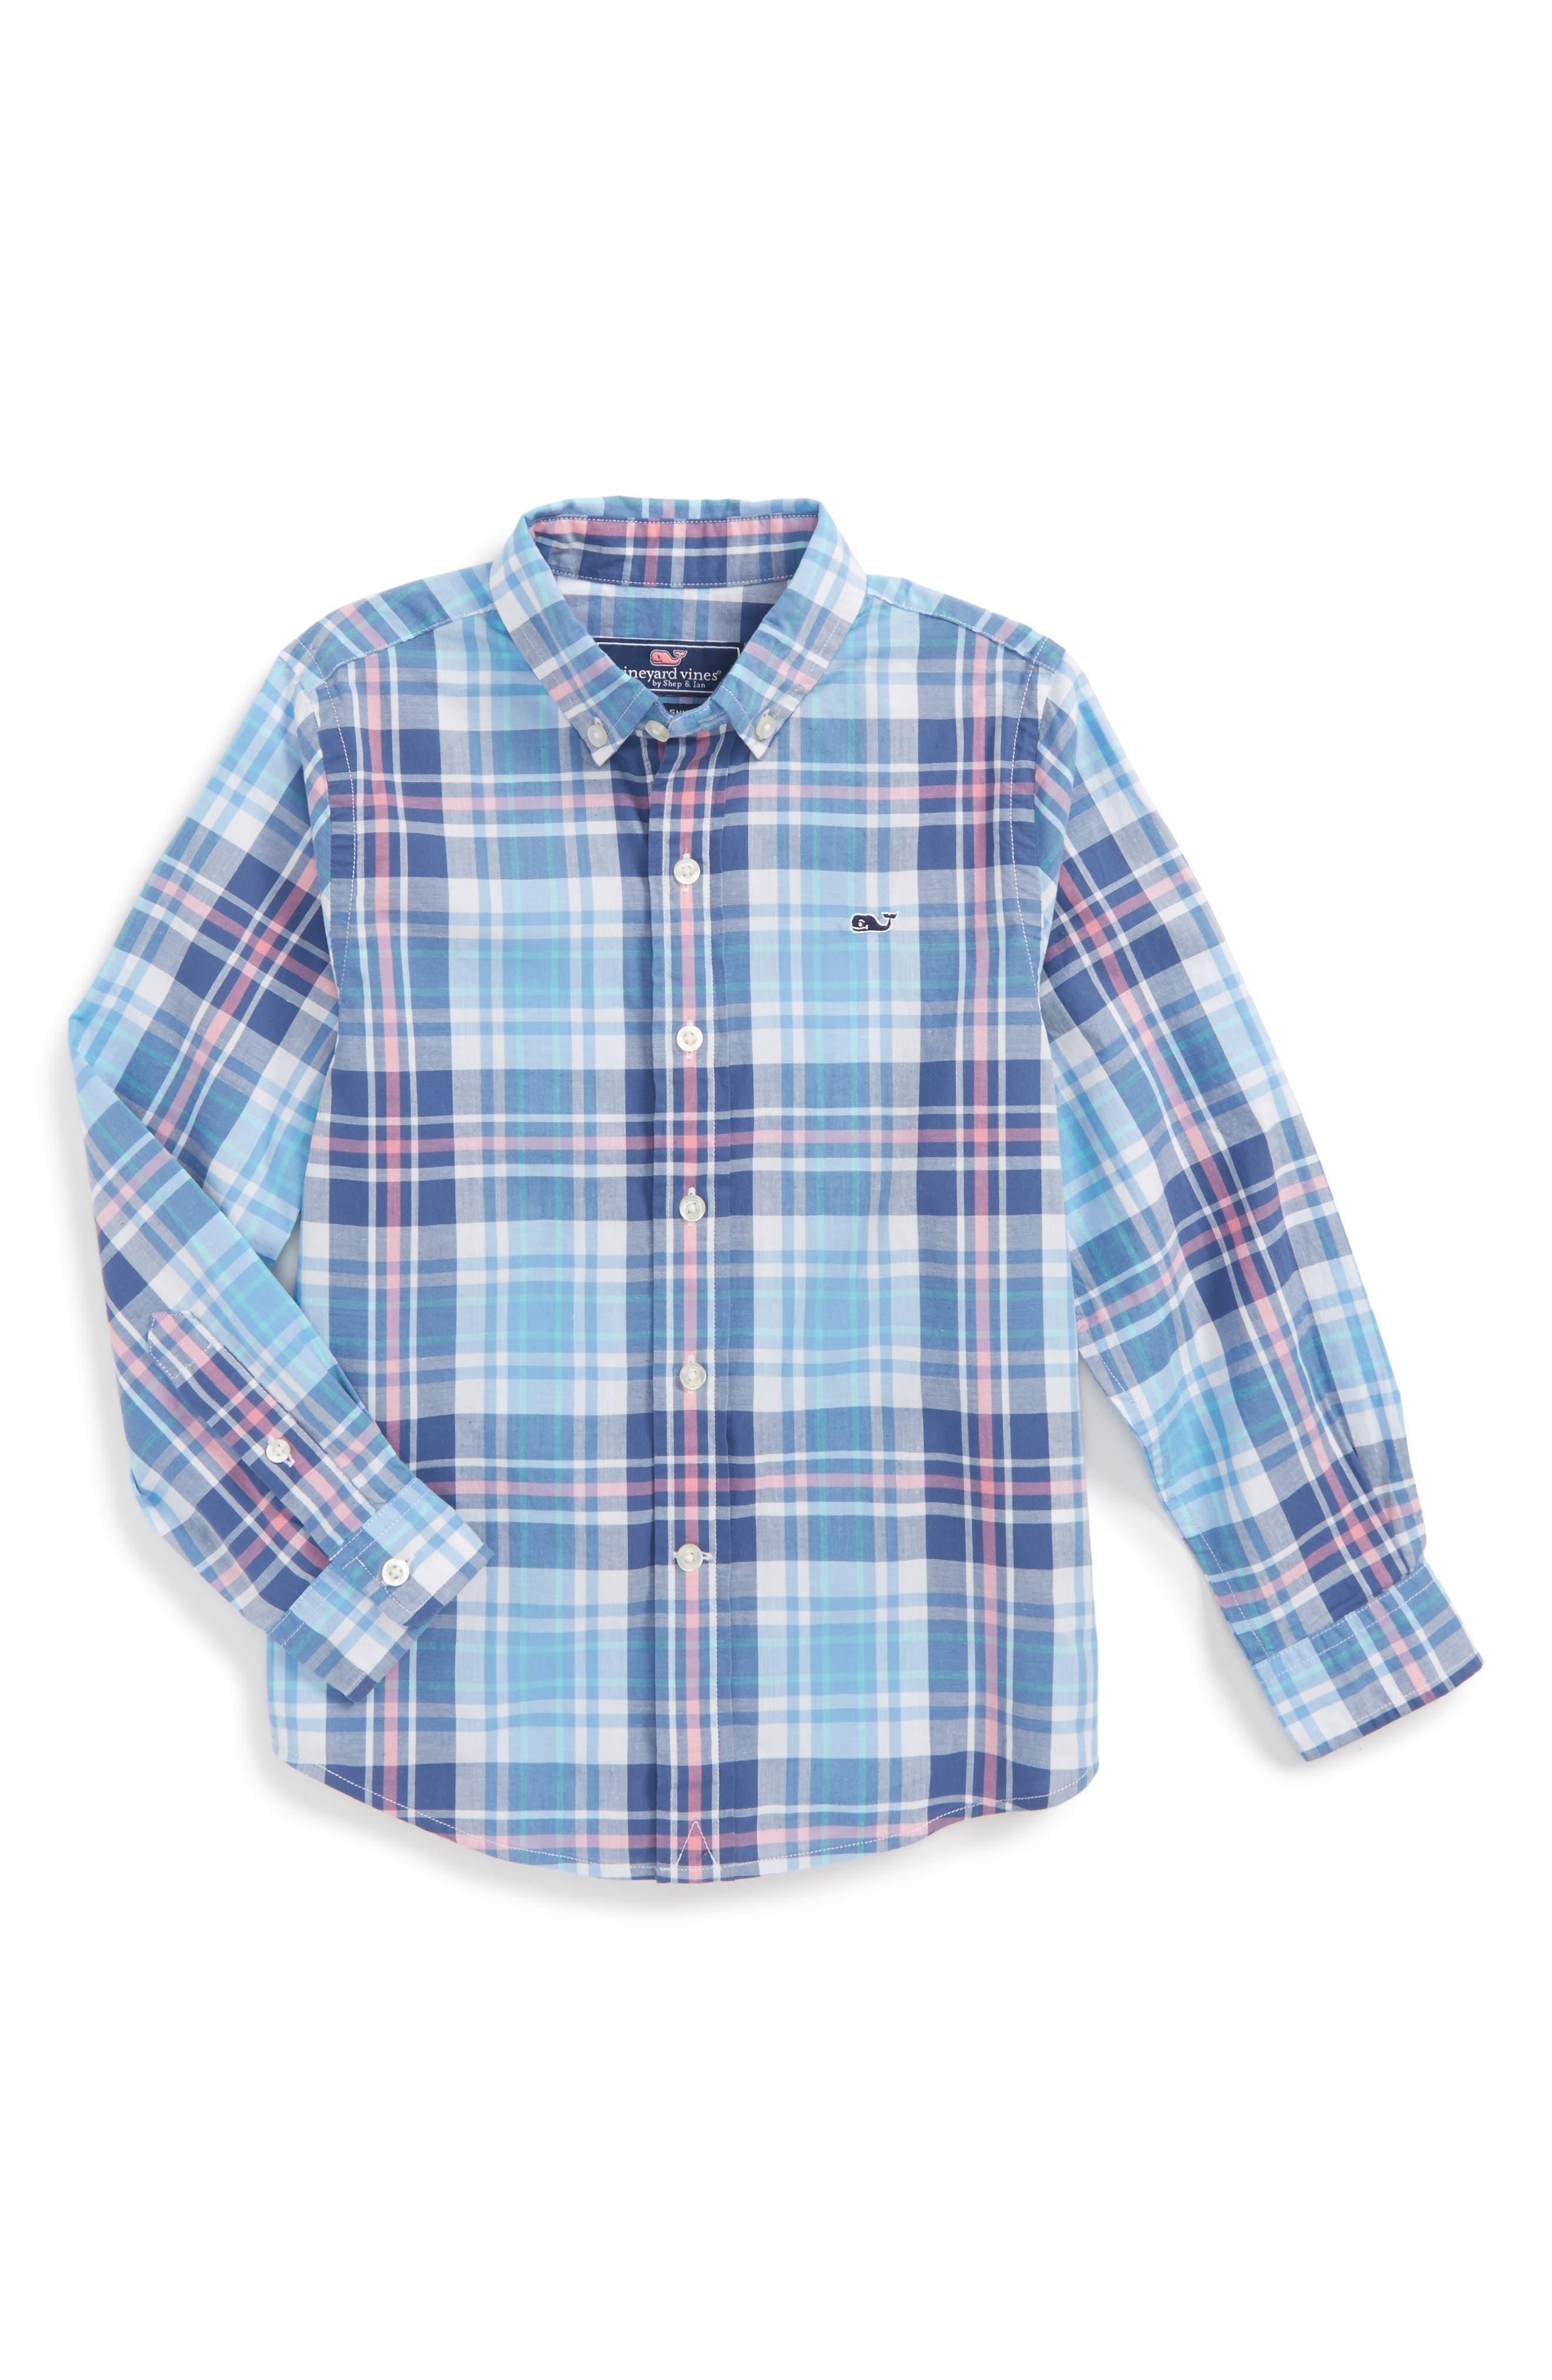 Fort Sumter Plaid Whale Shirt,                         Main,                         color, 406